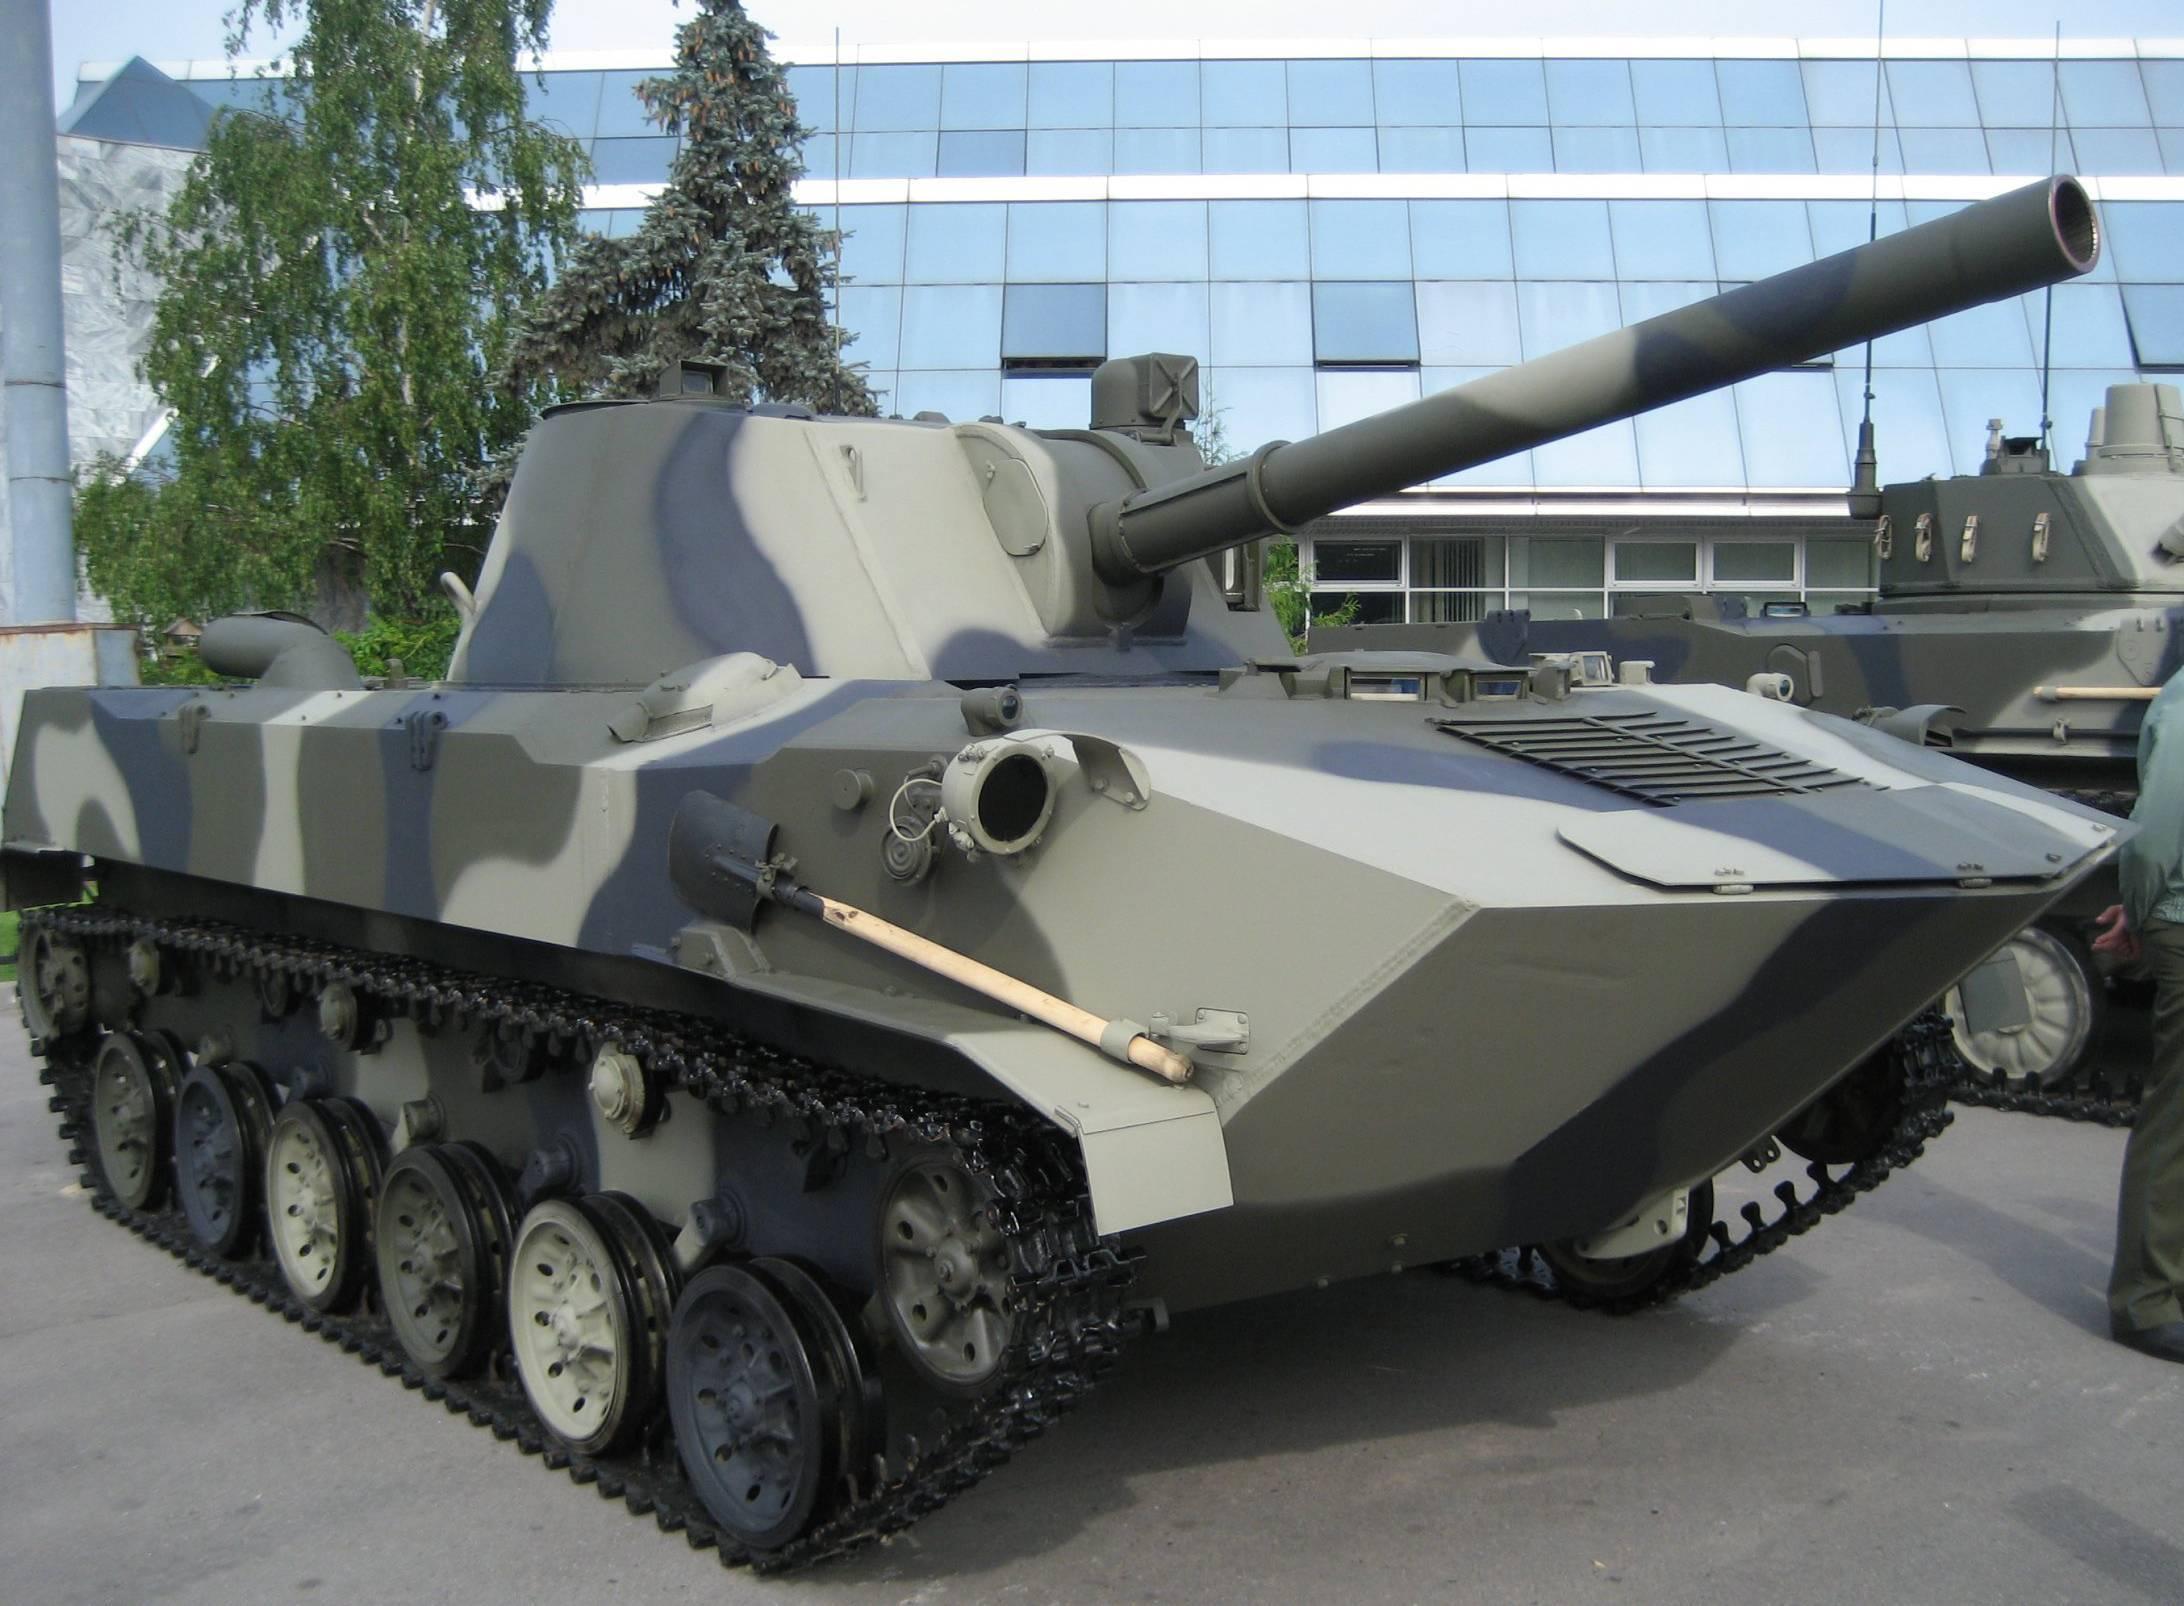 Гаубица мста-б (2а65) 152-мм ттх. фото. видео. скорострельность